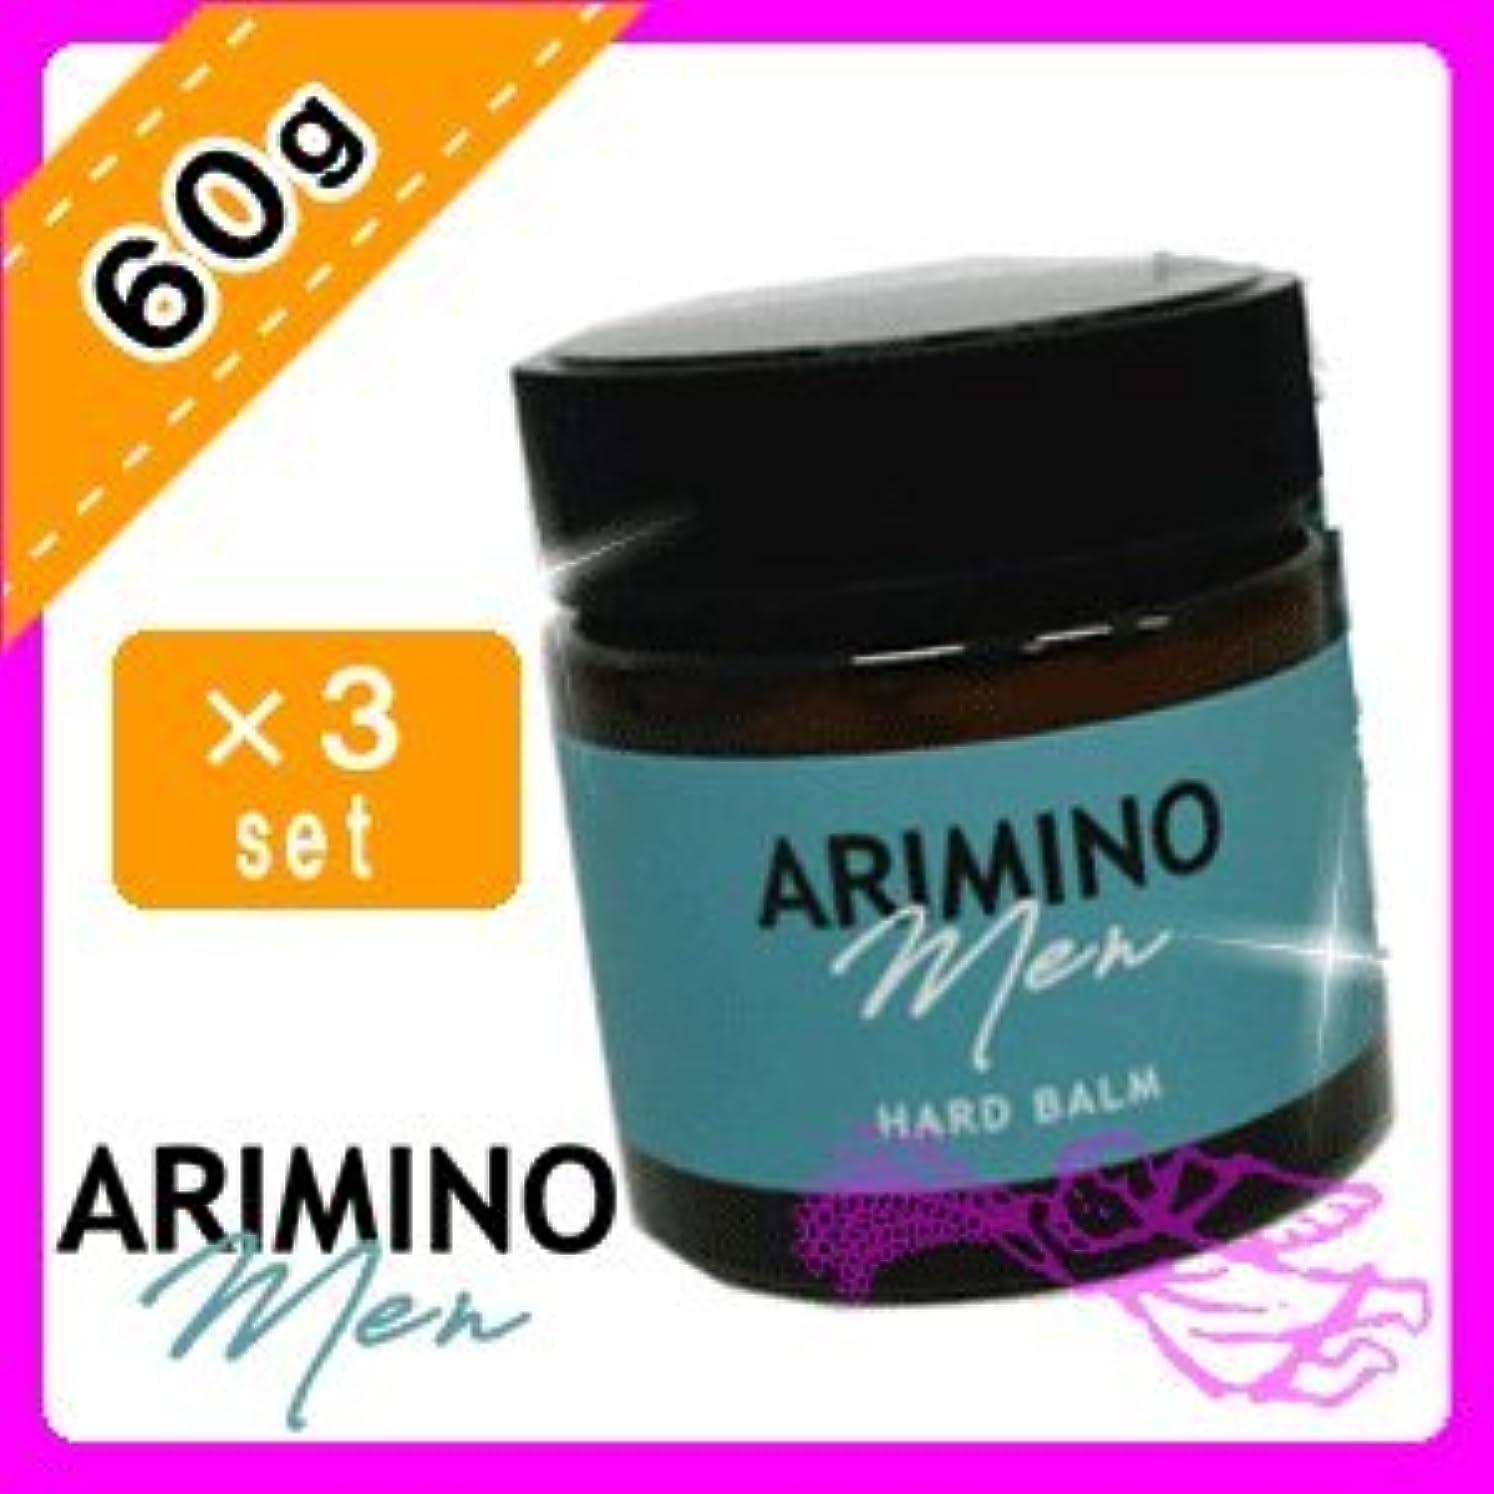 フロンティア証言するルアーアリミノ メン ハード バーム 60g ×3個 セット arimino men